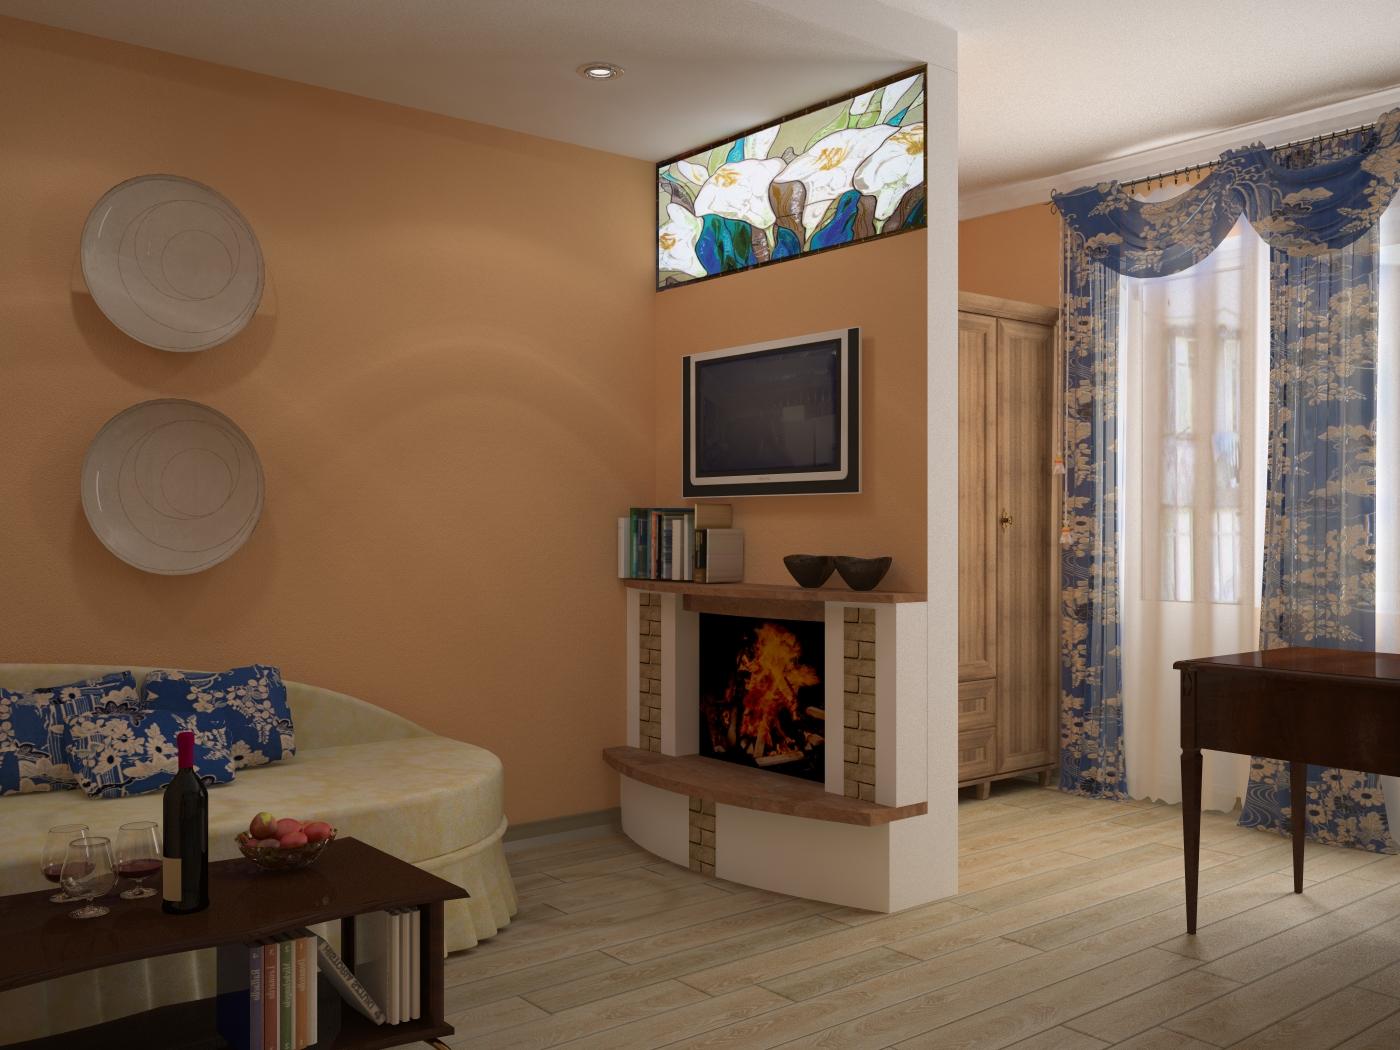 Линолеум дизайн в квартире фото